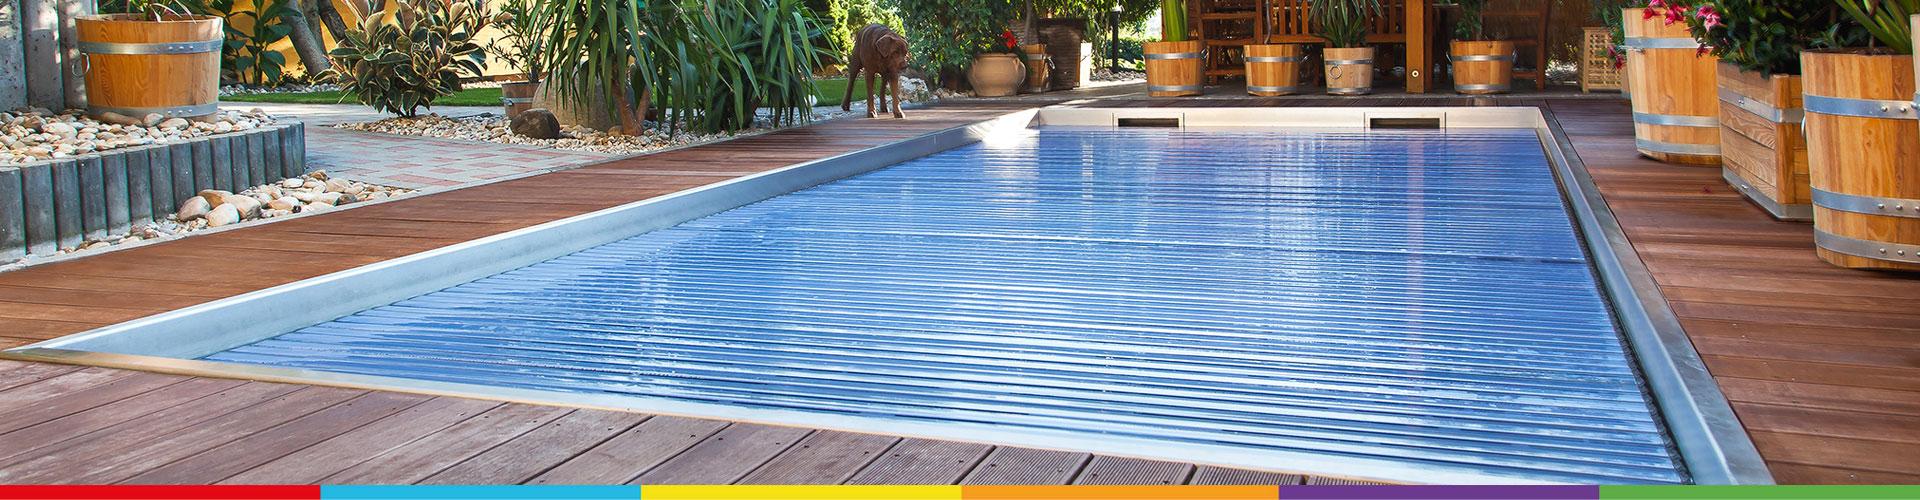 Couverture piscine automatique excellent couverture for Couverture piscine pas cher